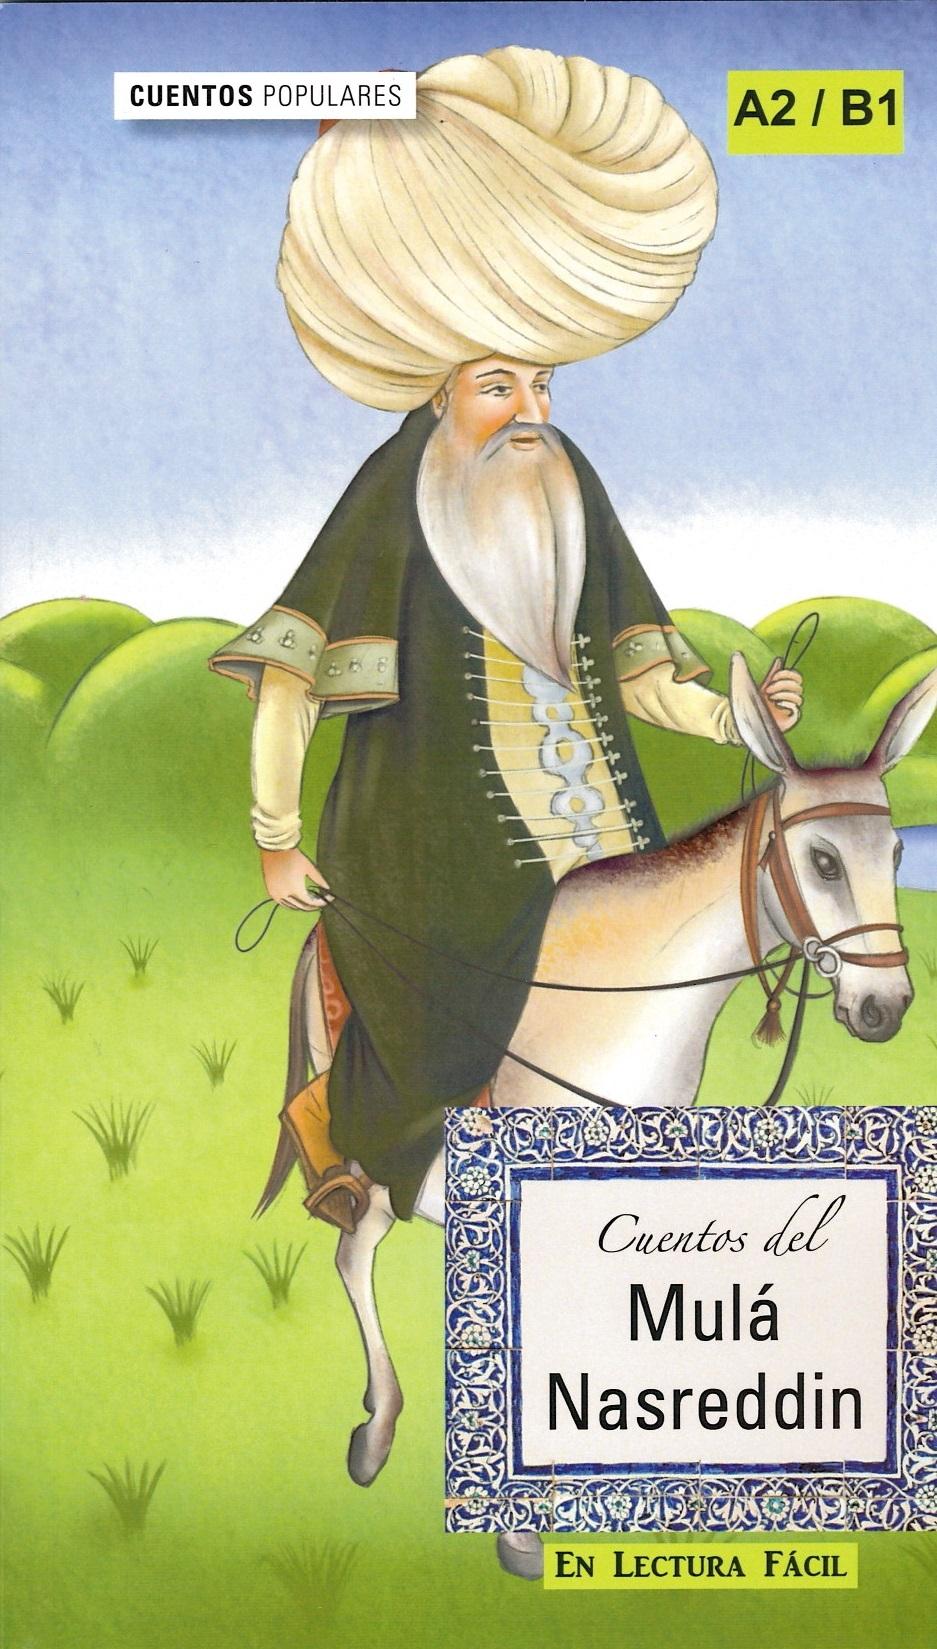 Lectura fácil Cuentos del Mulá Nasreddin